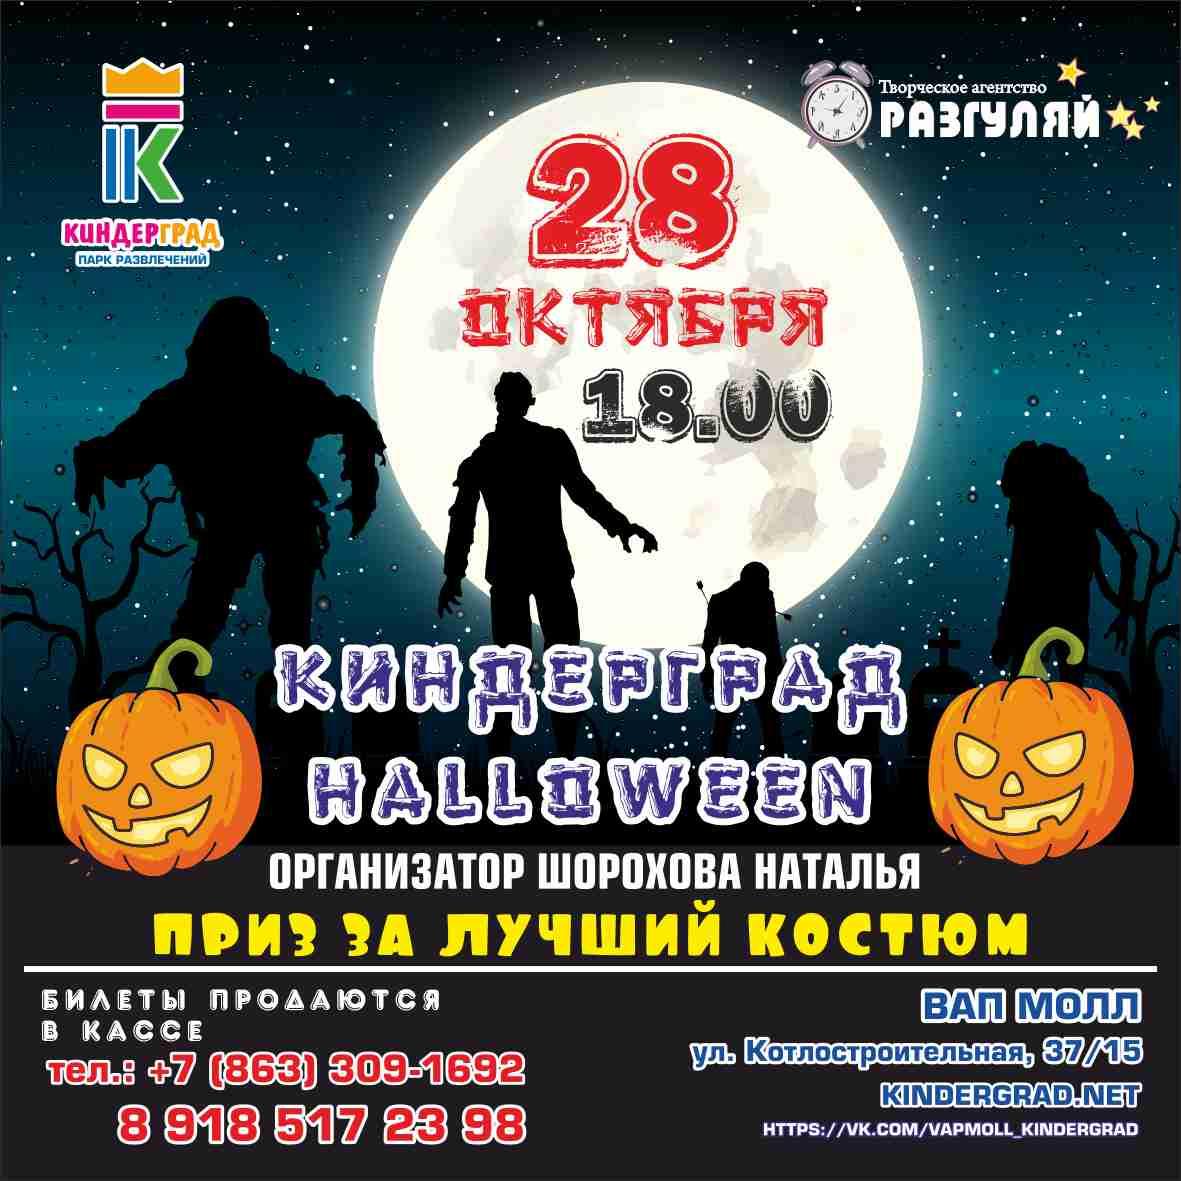 2018-10-28 Костюмированная вечеринка для детей, Хеллоуин